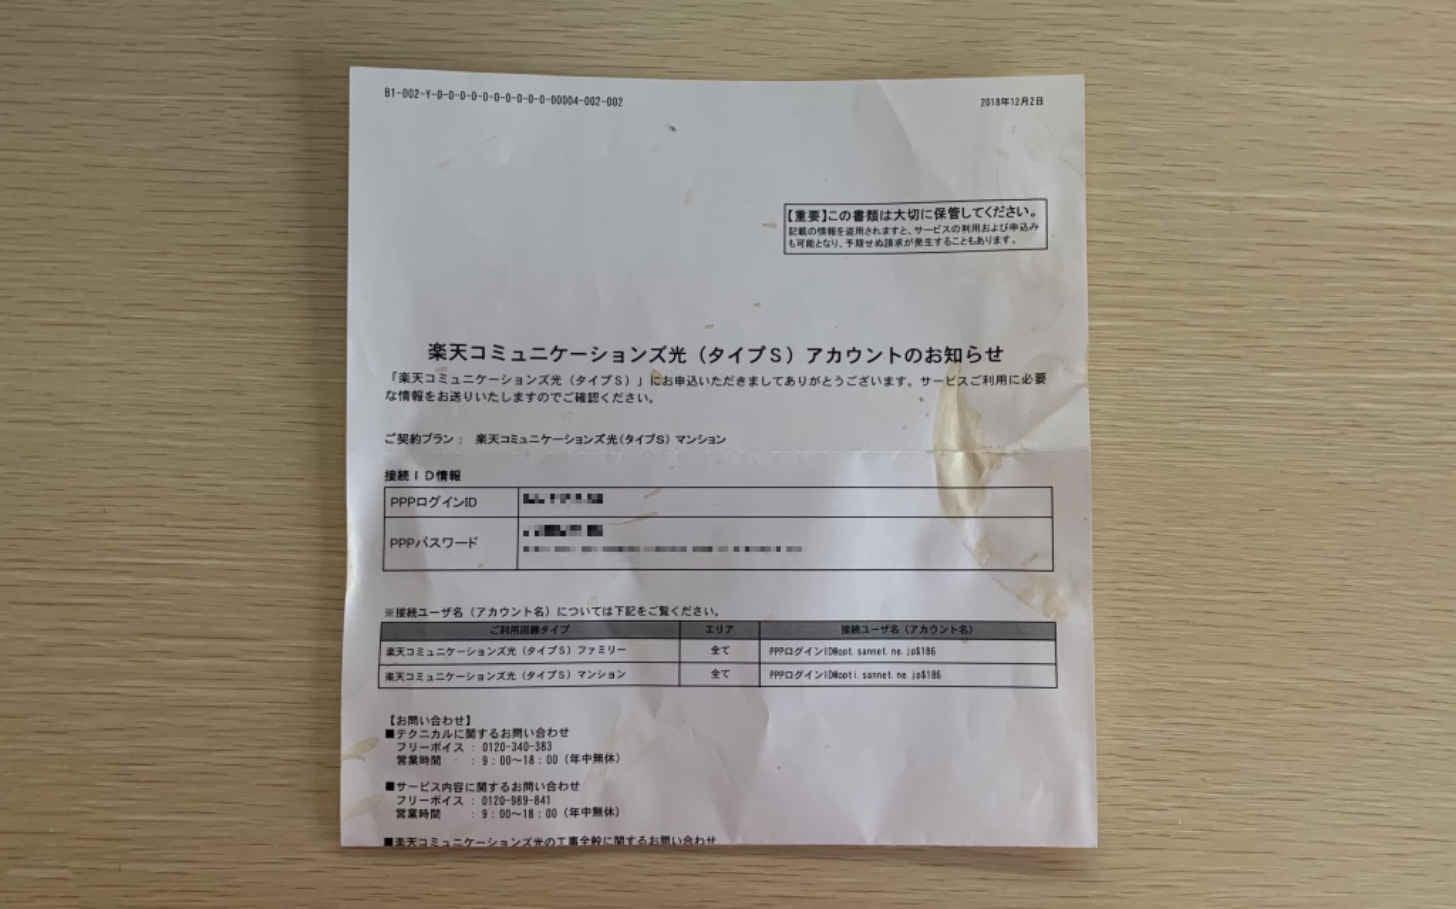 楽天コミュニケーションズ光 アカウント情報